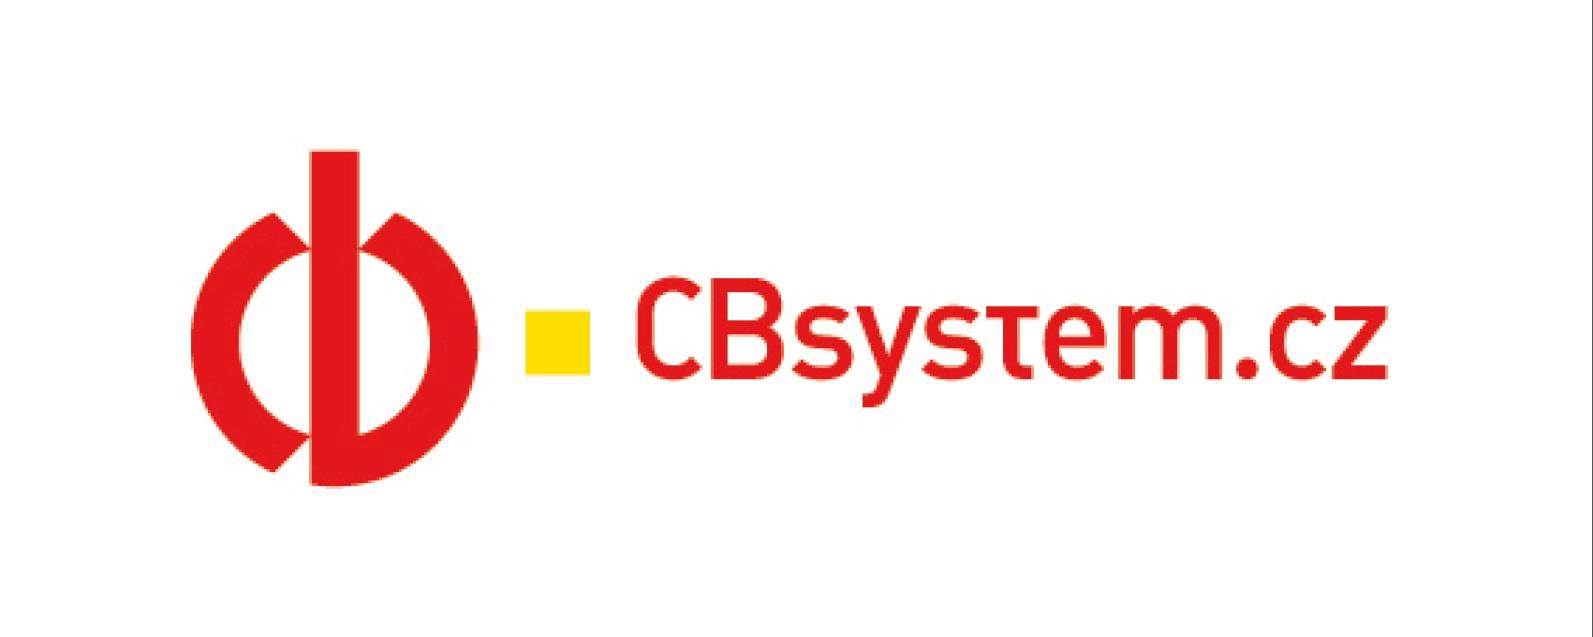 CBsystem_České Budějovice